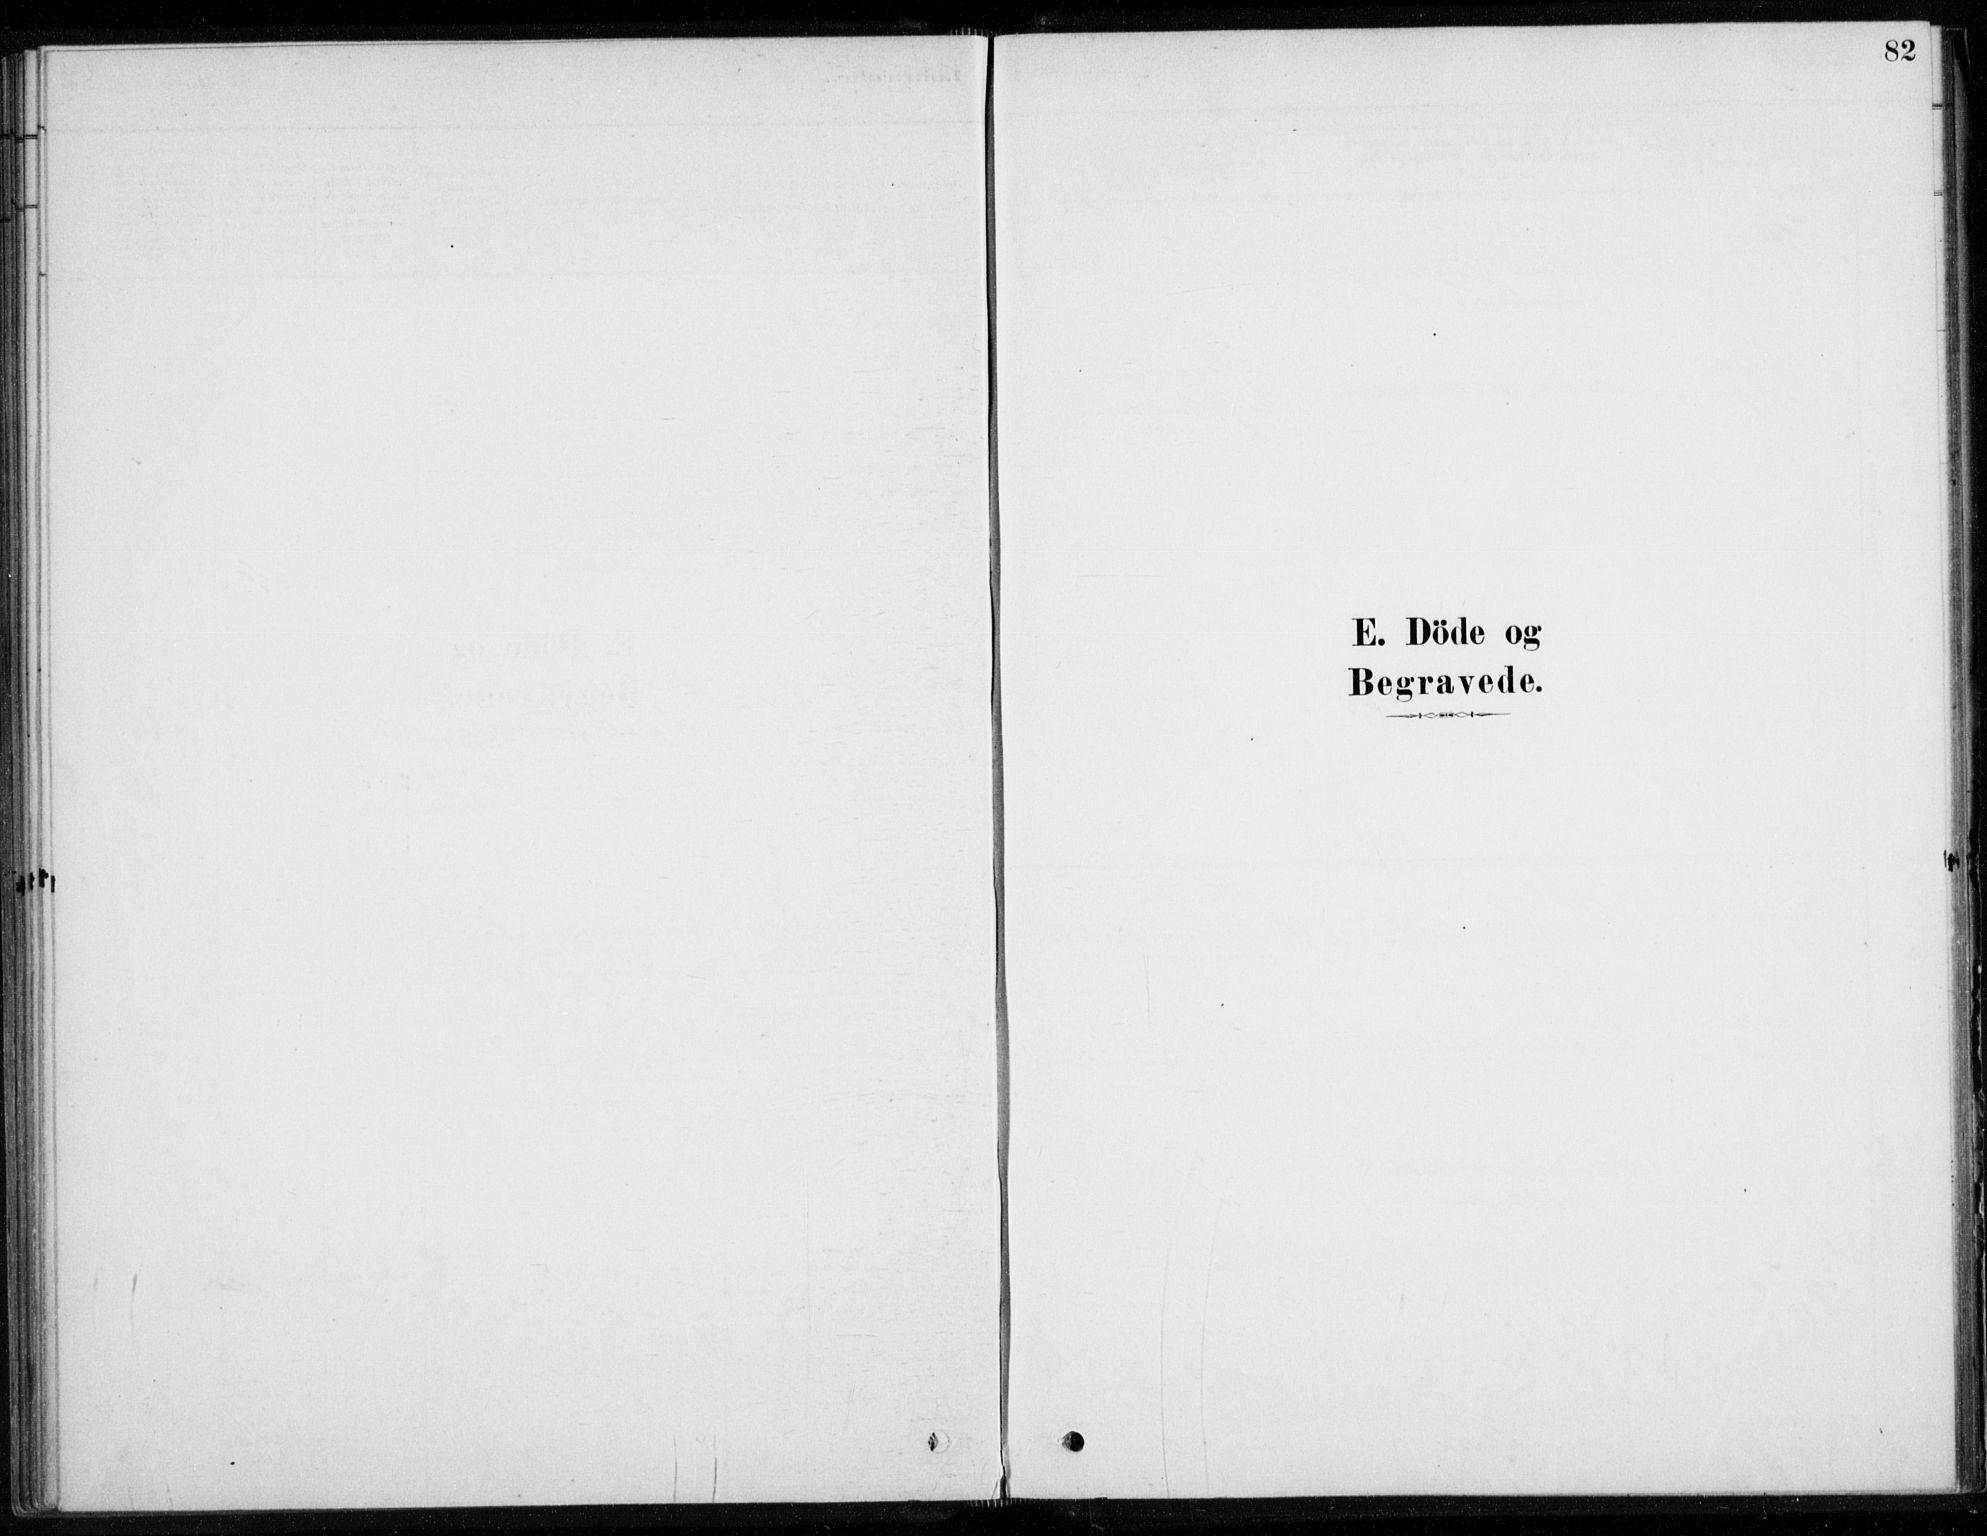 SAKO, Åssiden kirkebøker, F/Fa/L0001: Ministerialbok nr. 1, 1878-1904, s. 82